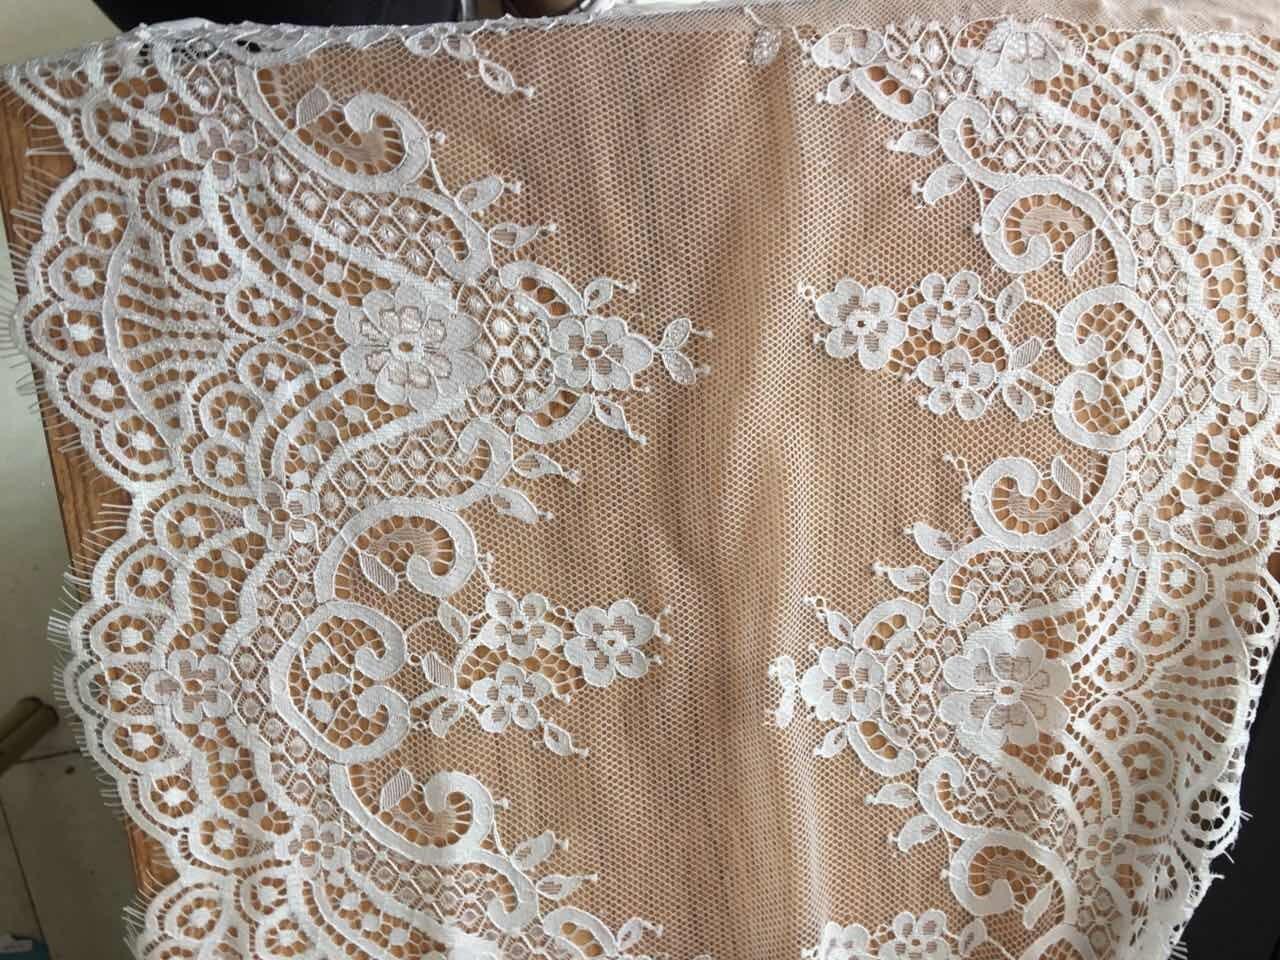 Ivory Chantilly Lace Fabric Trim Bridal Wedding Gown Eyelash